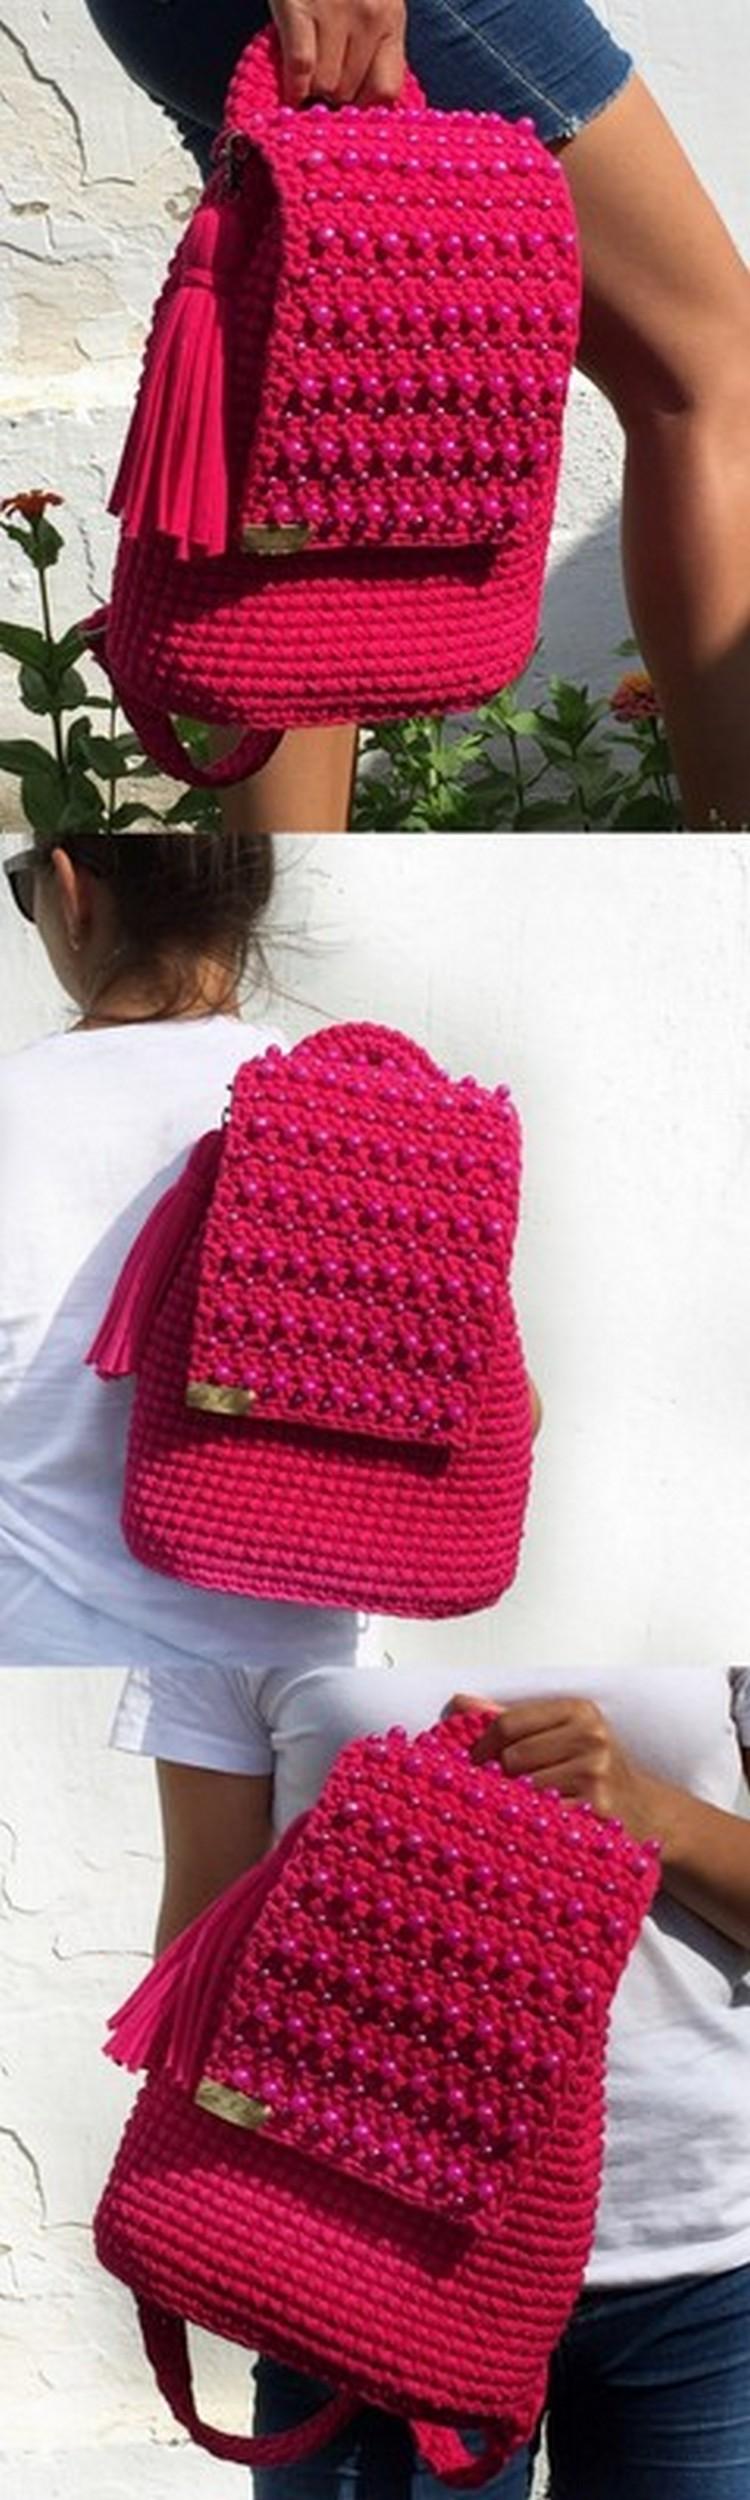 Stylish Hand Bag Free Crochet Pattern